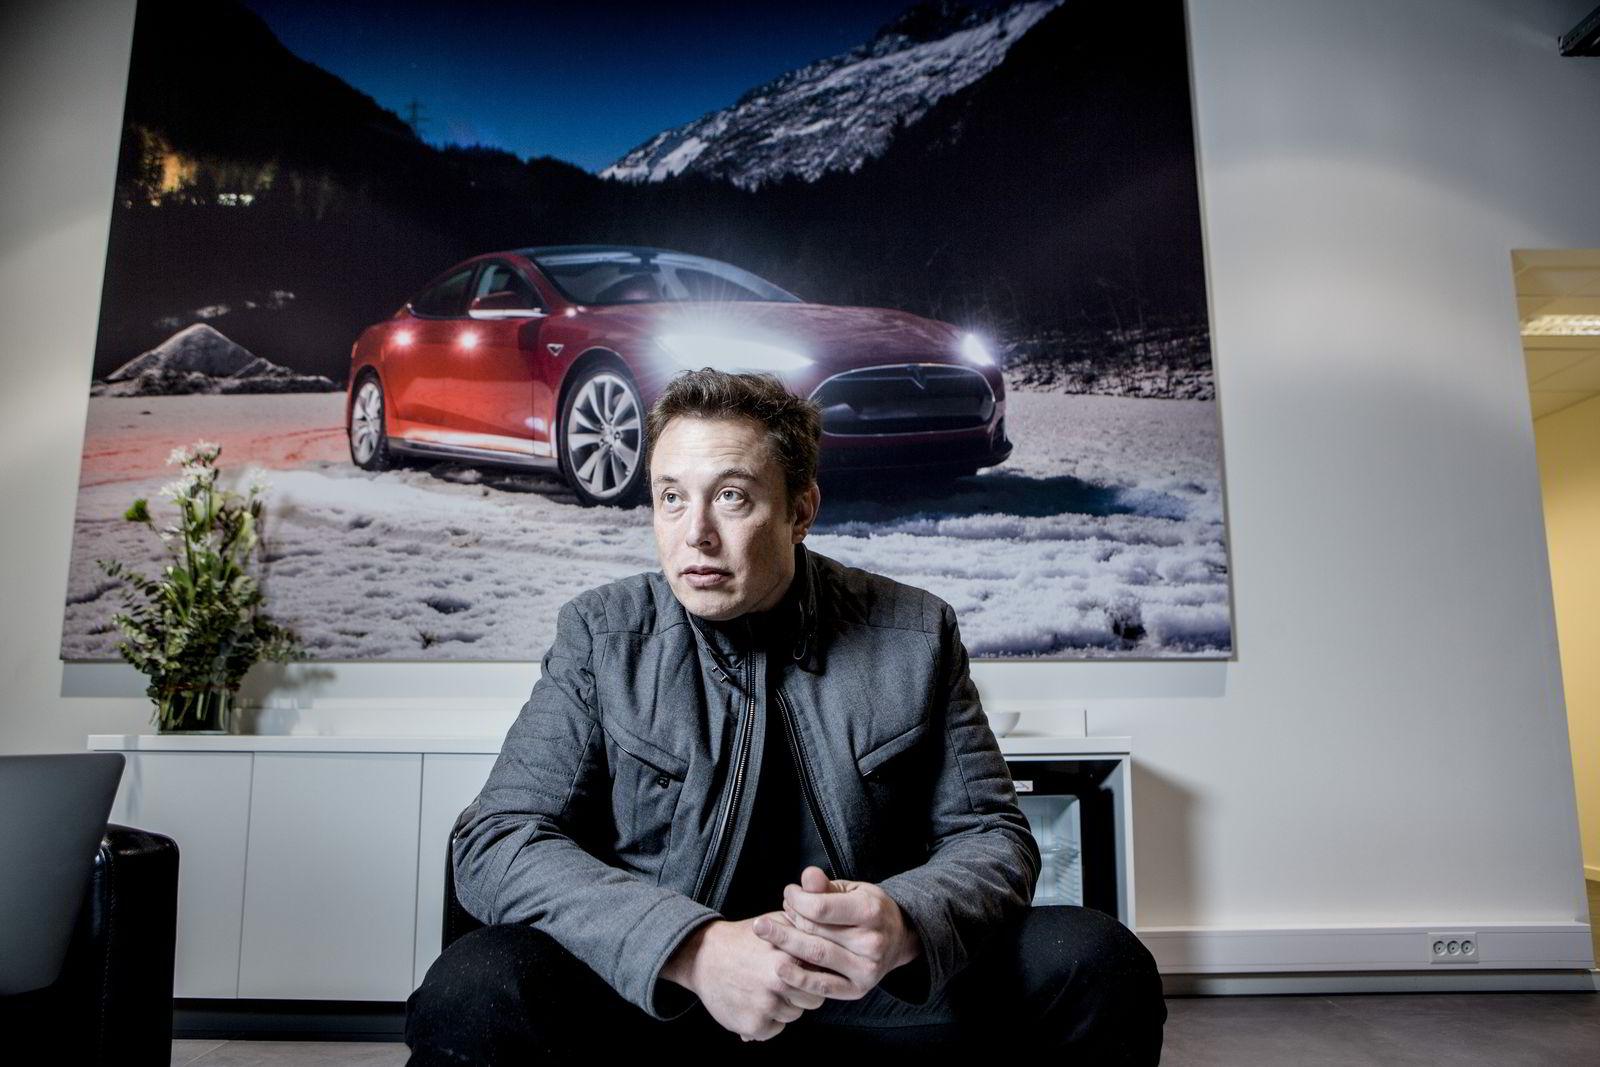 Tesla-sjef Elon Musk på snarvisitt i Norge i 2014 for å møte norske Tesla-eiere. Her er han fotografert på Skøyen, der Tesla Norge har sine lokaler. Foto: Fredrik Bjerknes